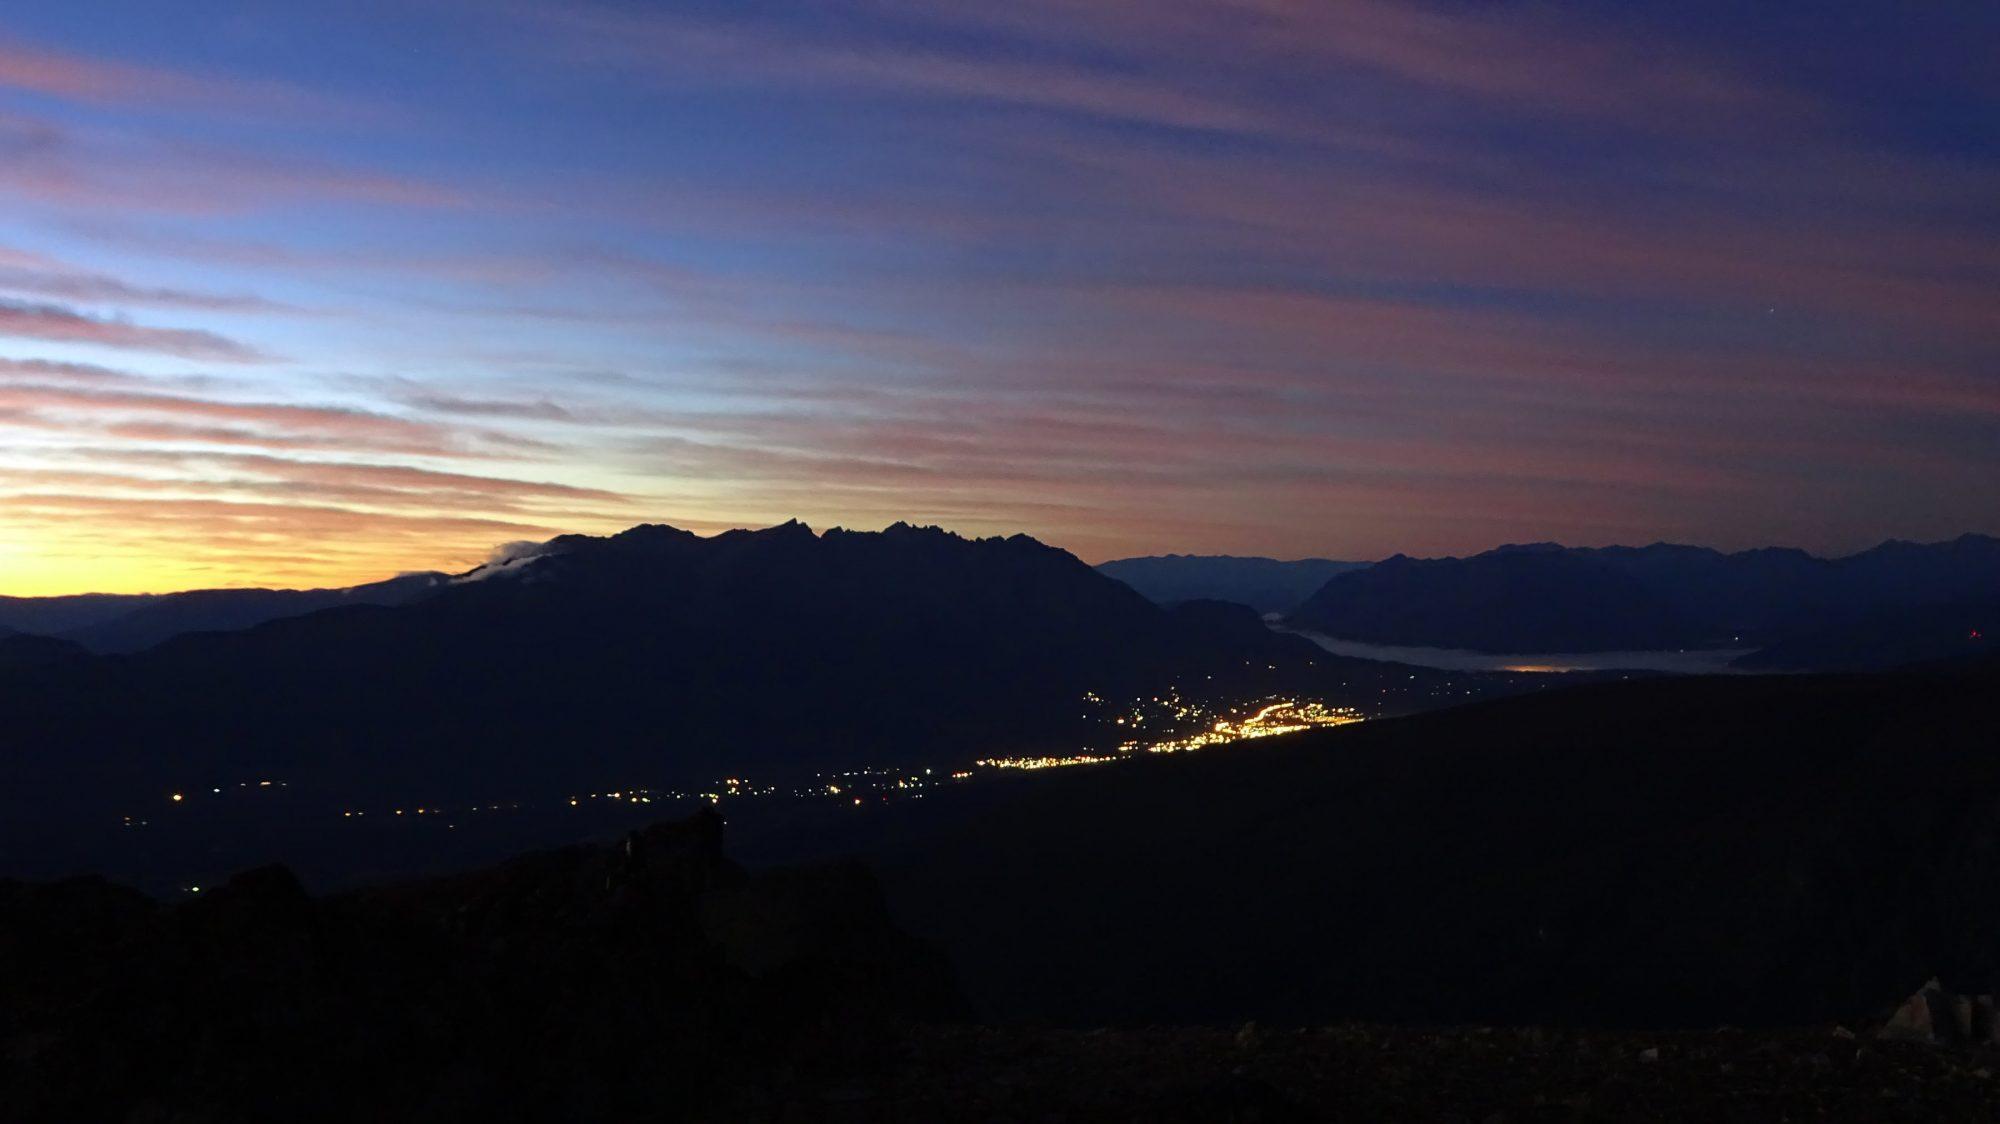 Fjella El Bolson Wanderung Patagonien Warton Dedo Gordo Encanto Blanco Wanderroute Wandern El Bolson bei Nacht